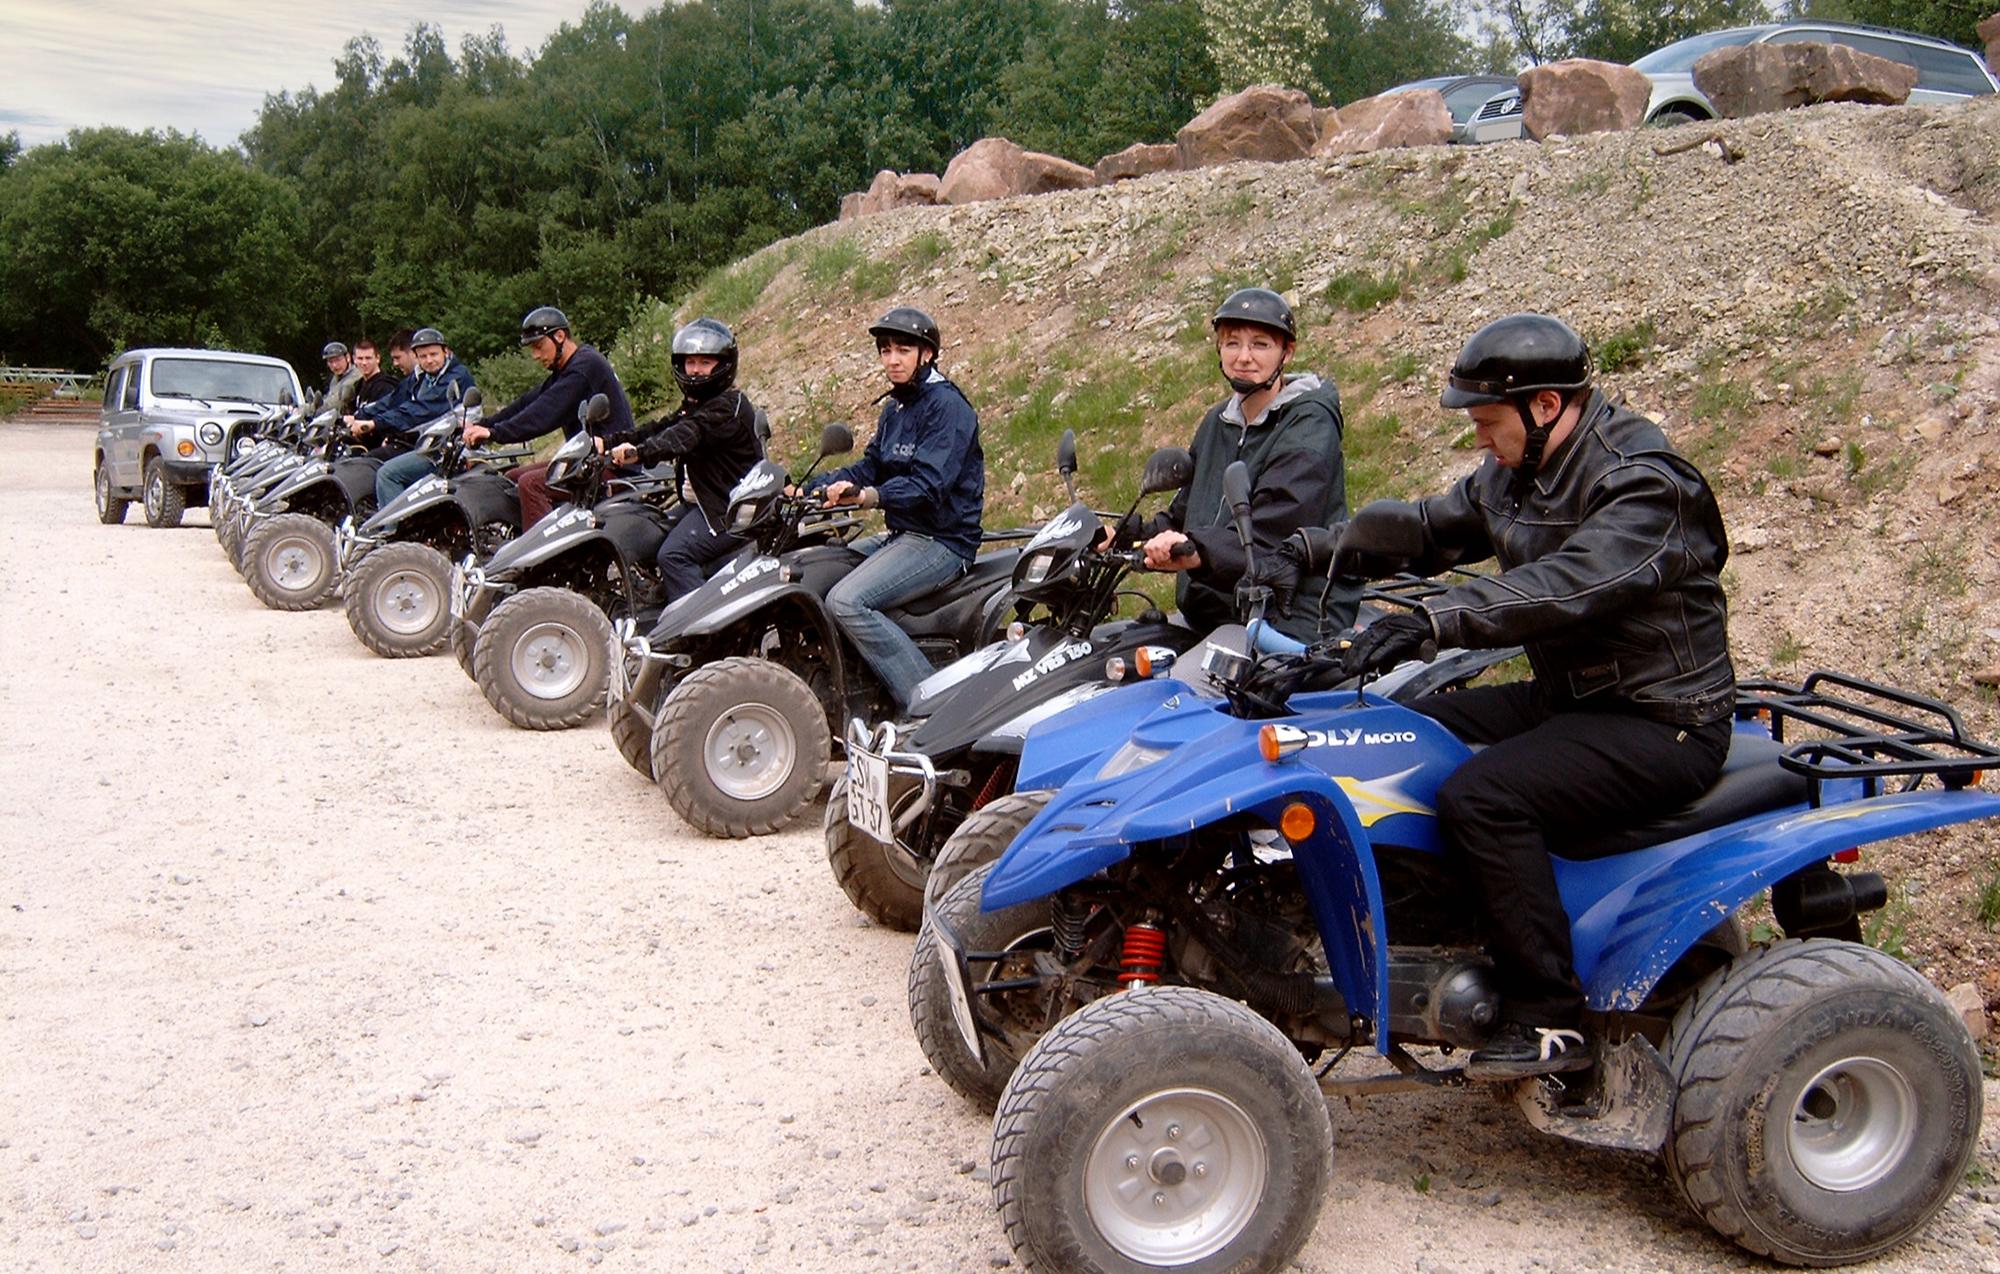 quad-cross-buggy-gelaendewagen-bg2